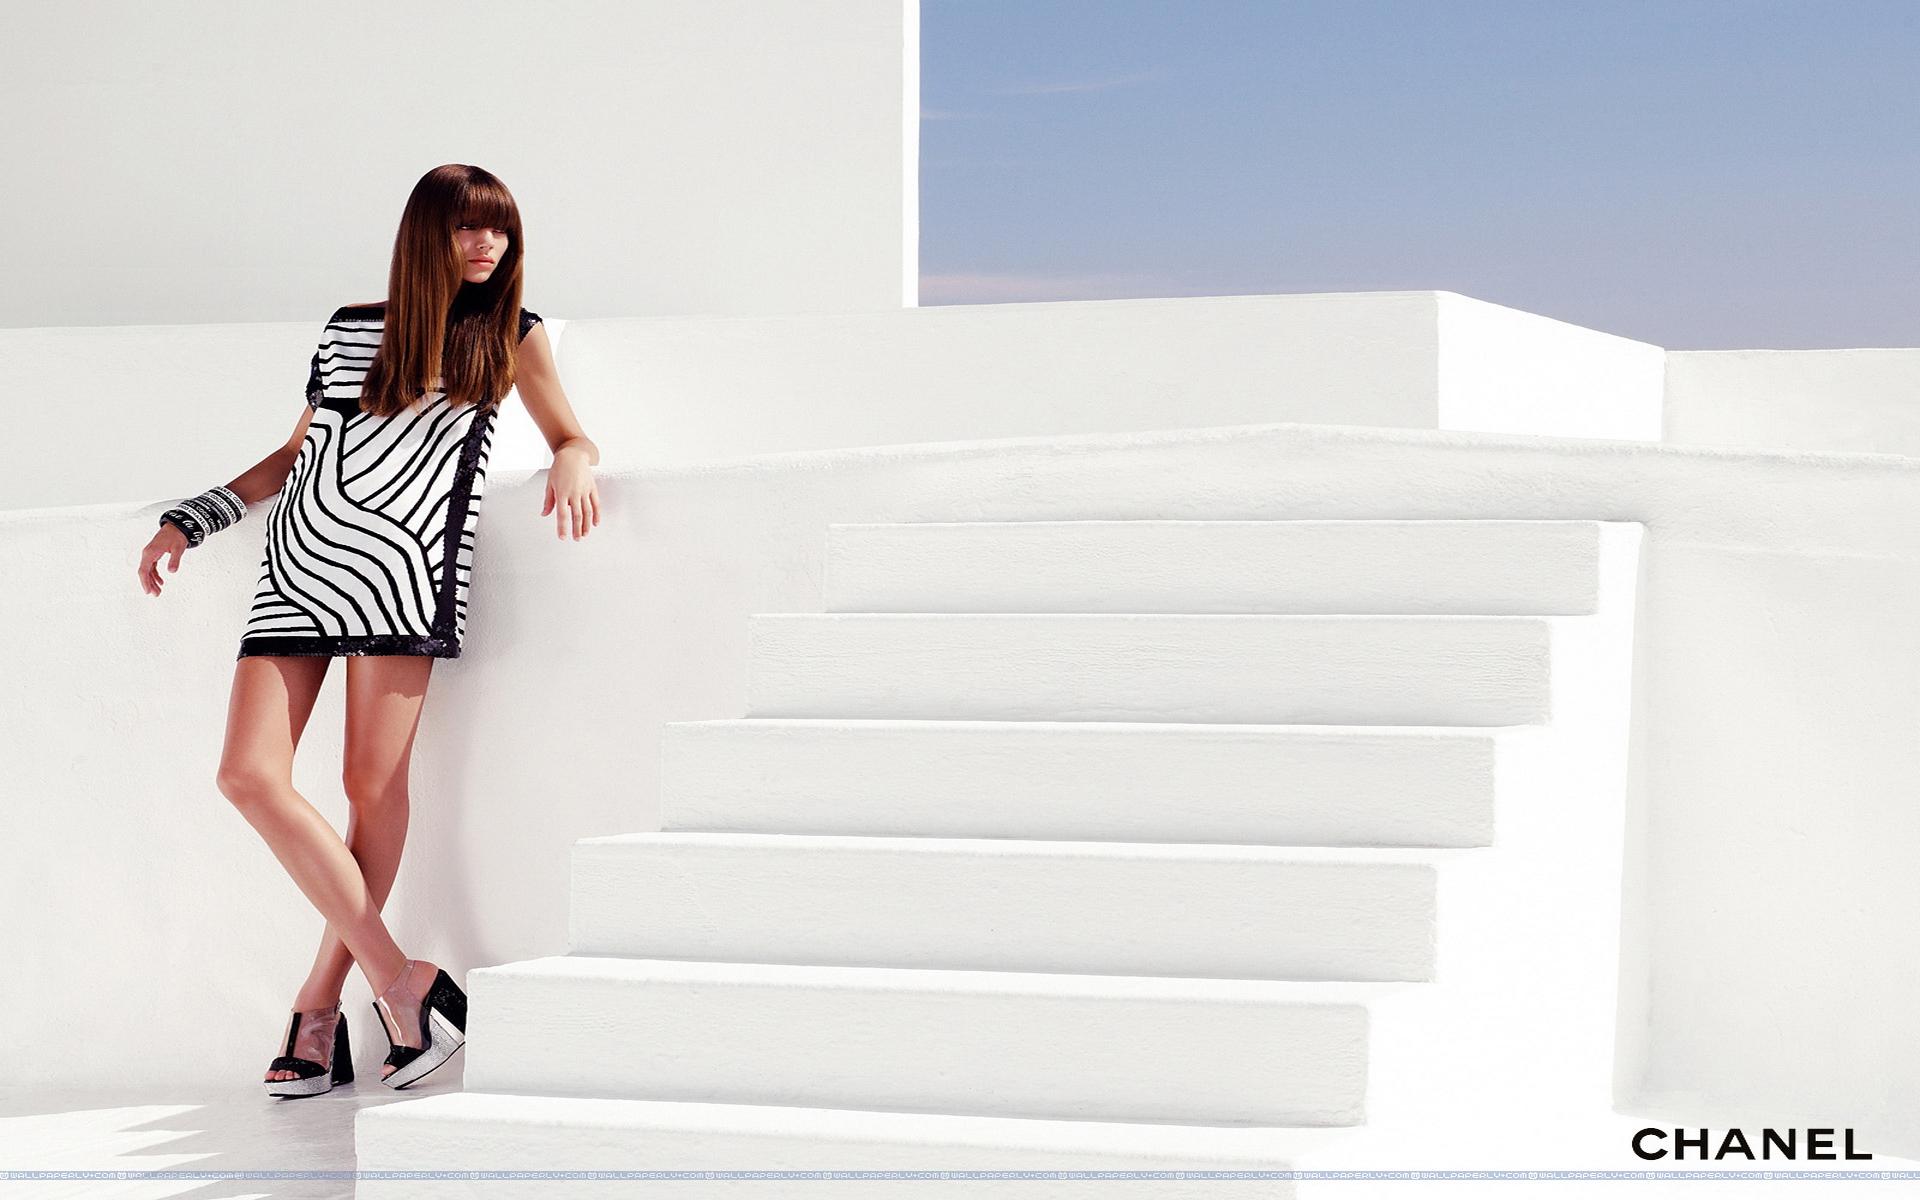 Fashion desktop backgrounds wallpapersafari - Is wallpaper in style ...